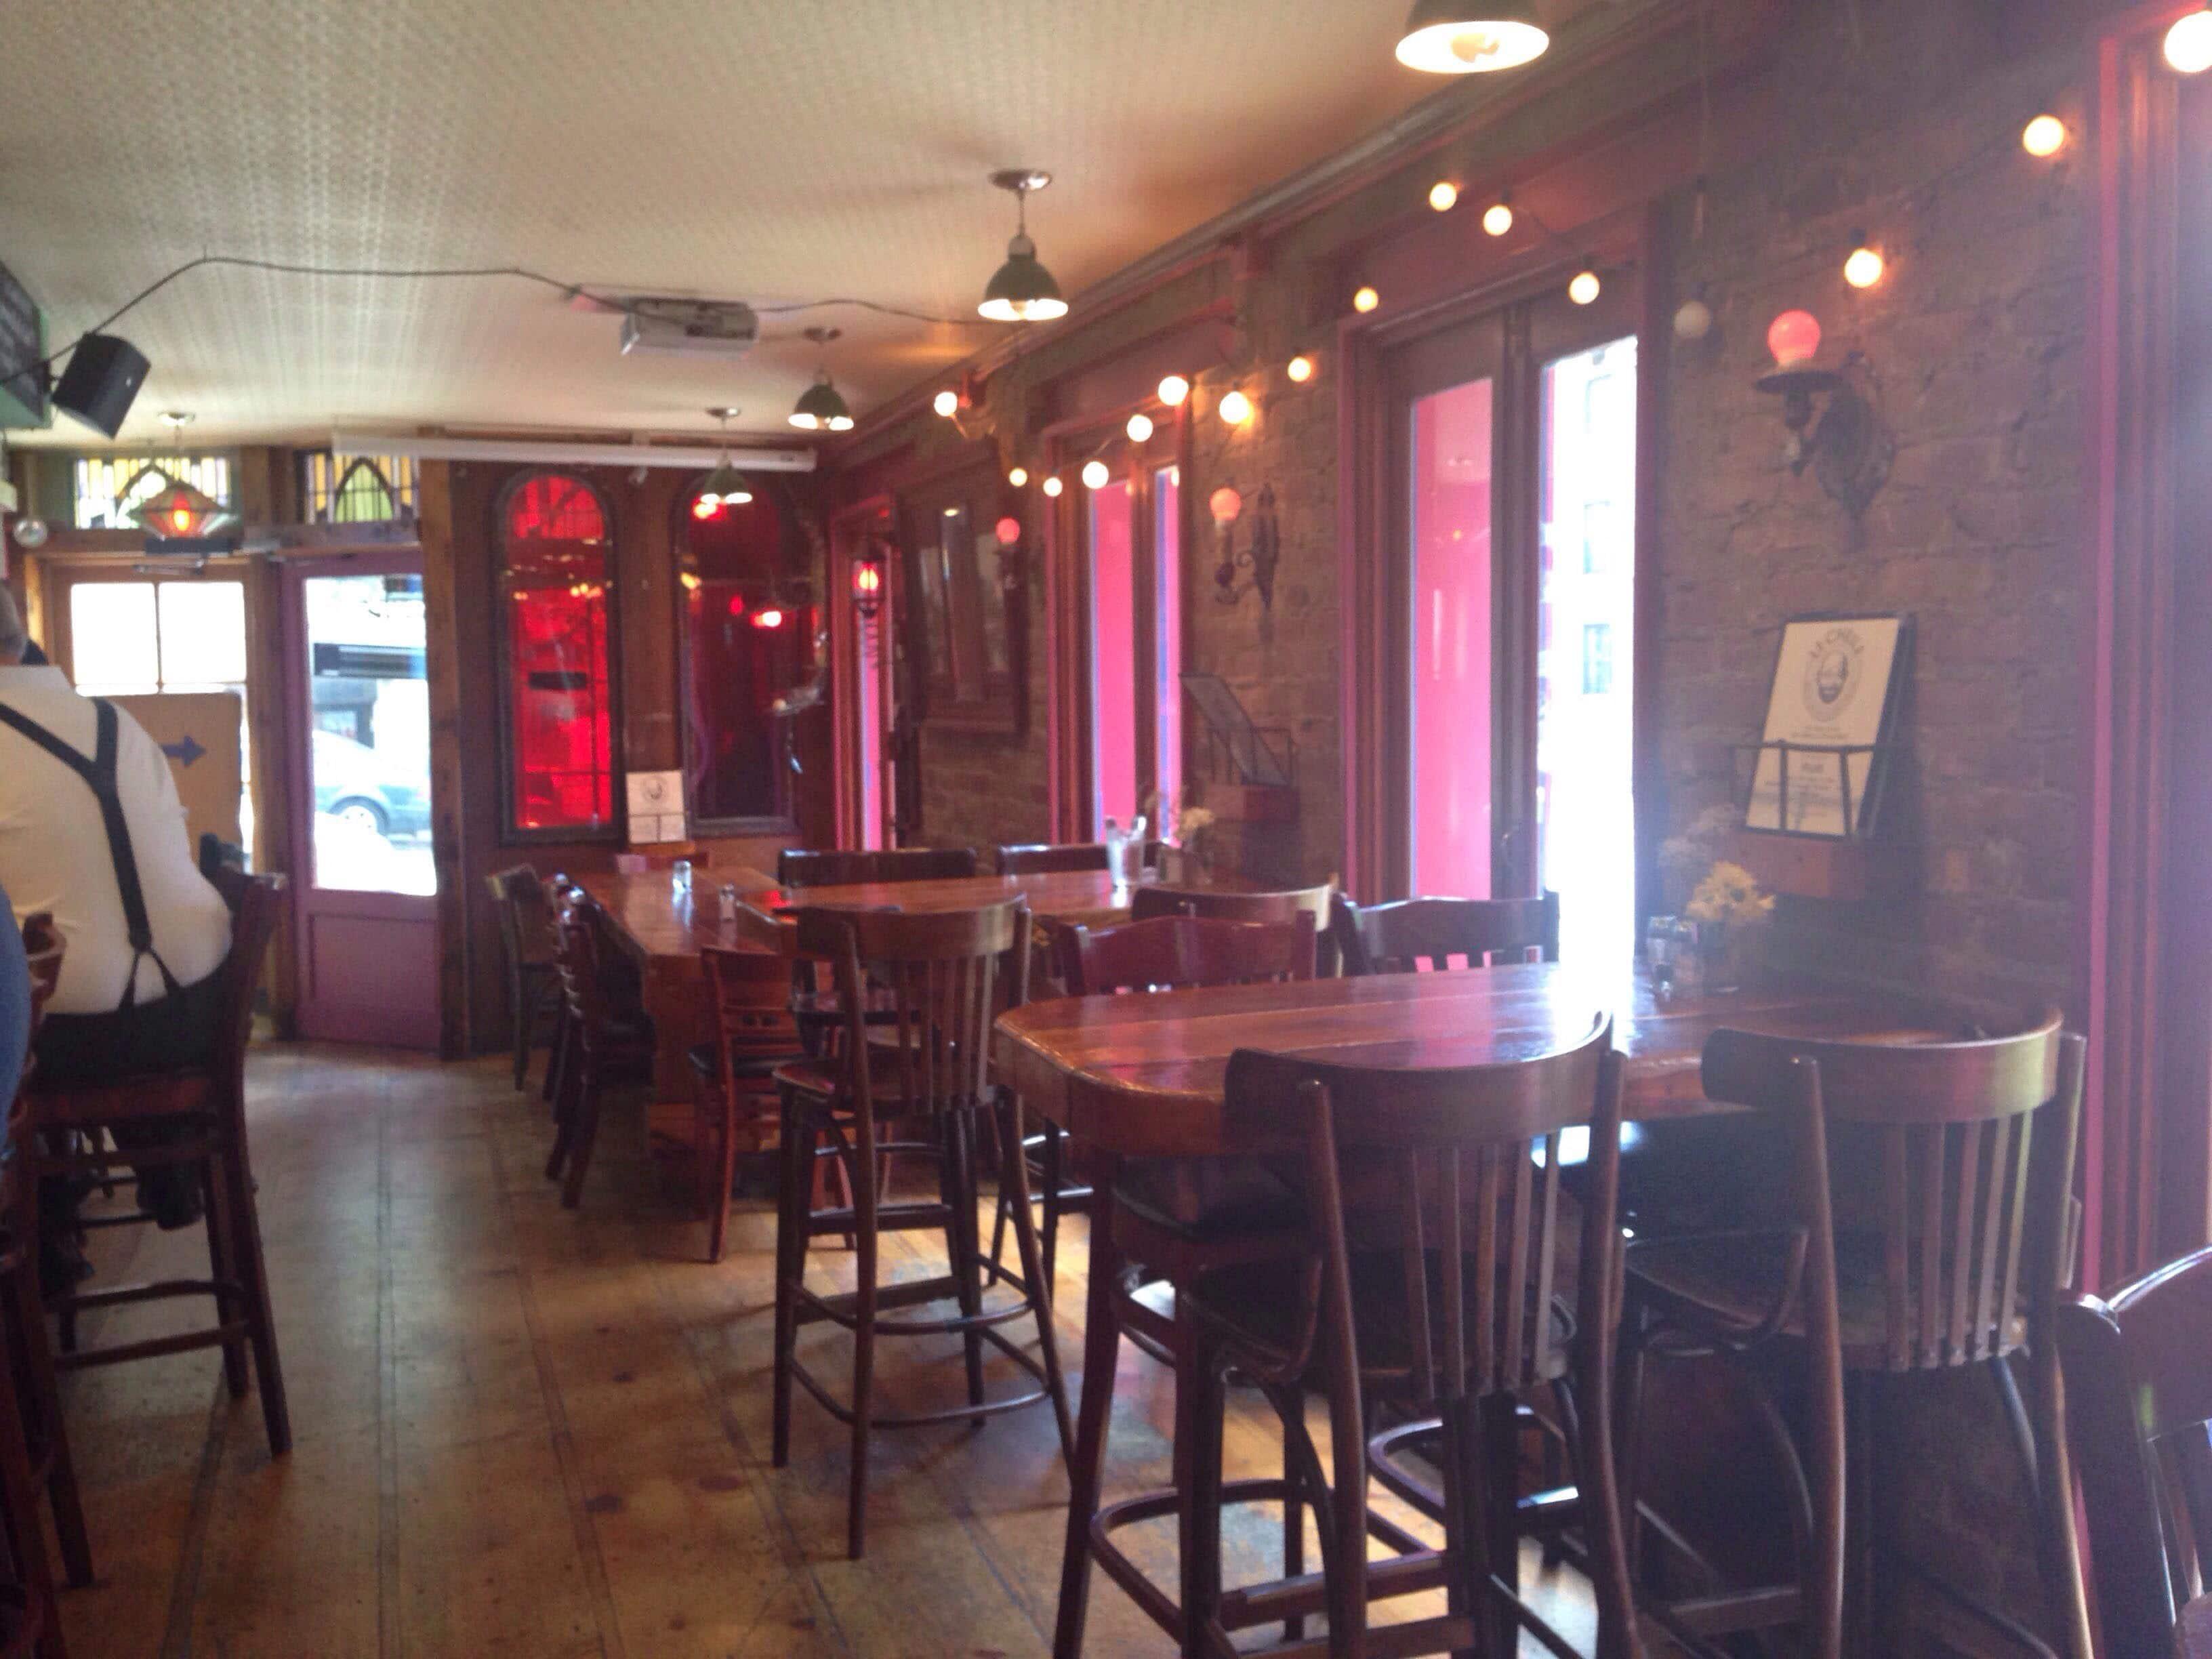 181 Cabrini Restaurant Cafe, Washington Heights Photos